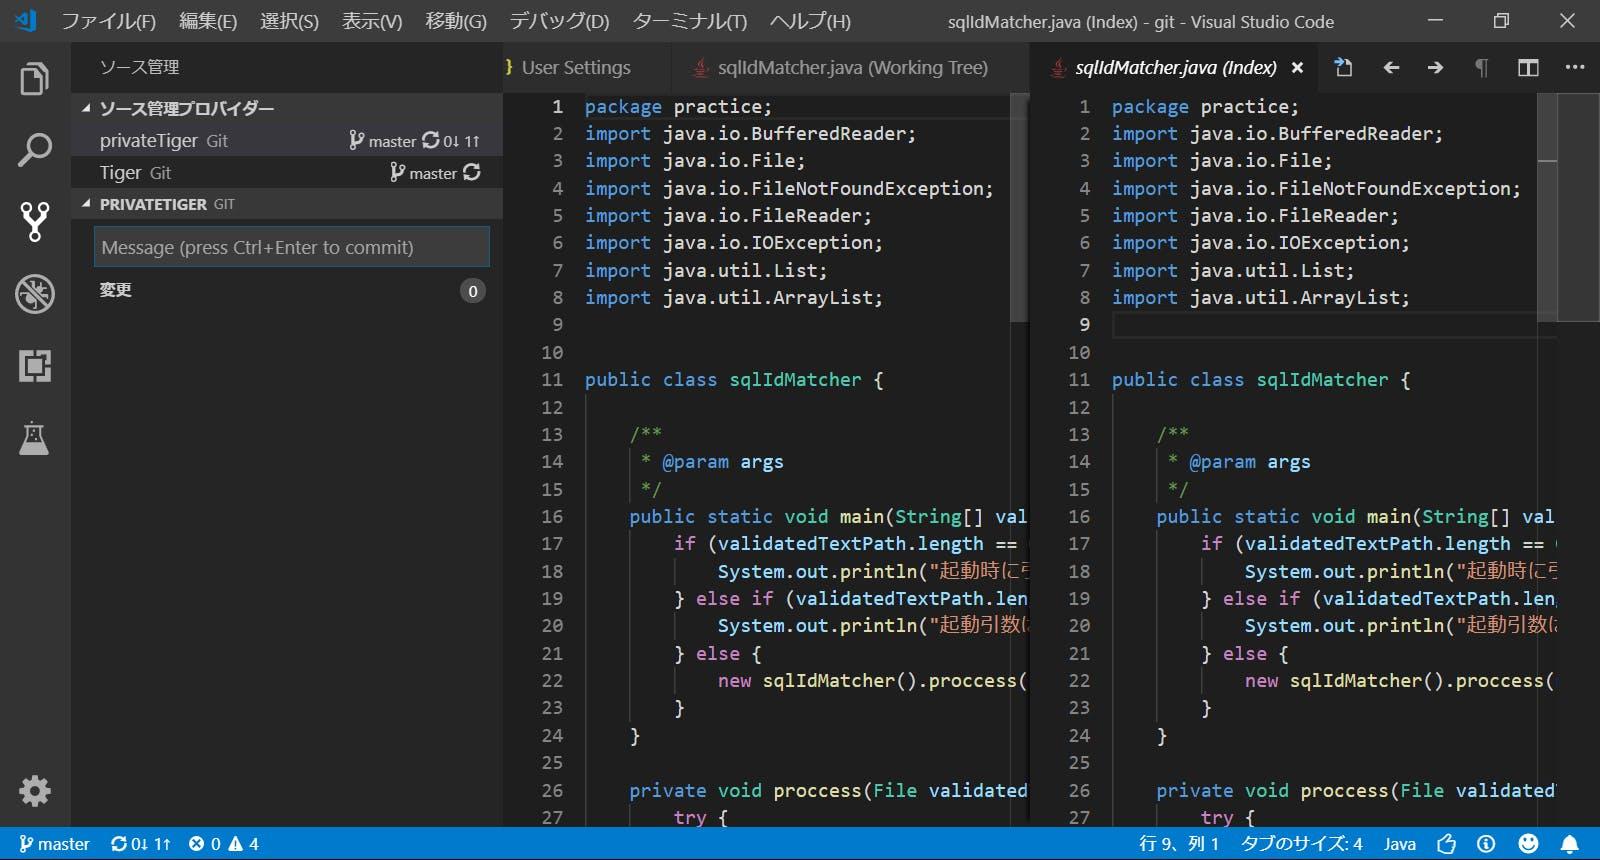 SnapCrab_sqlIdMatcherjava (Index) - git - Visual Studio Code_2019-1-19_23-54-35_No-00.png